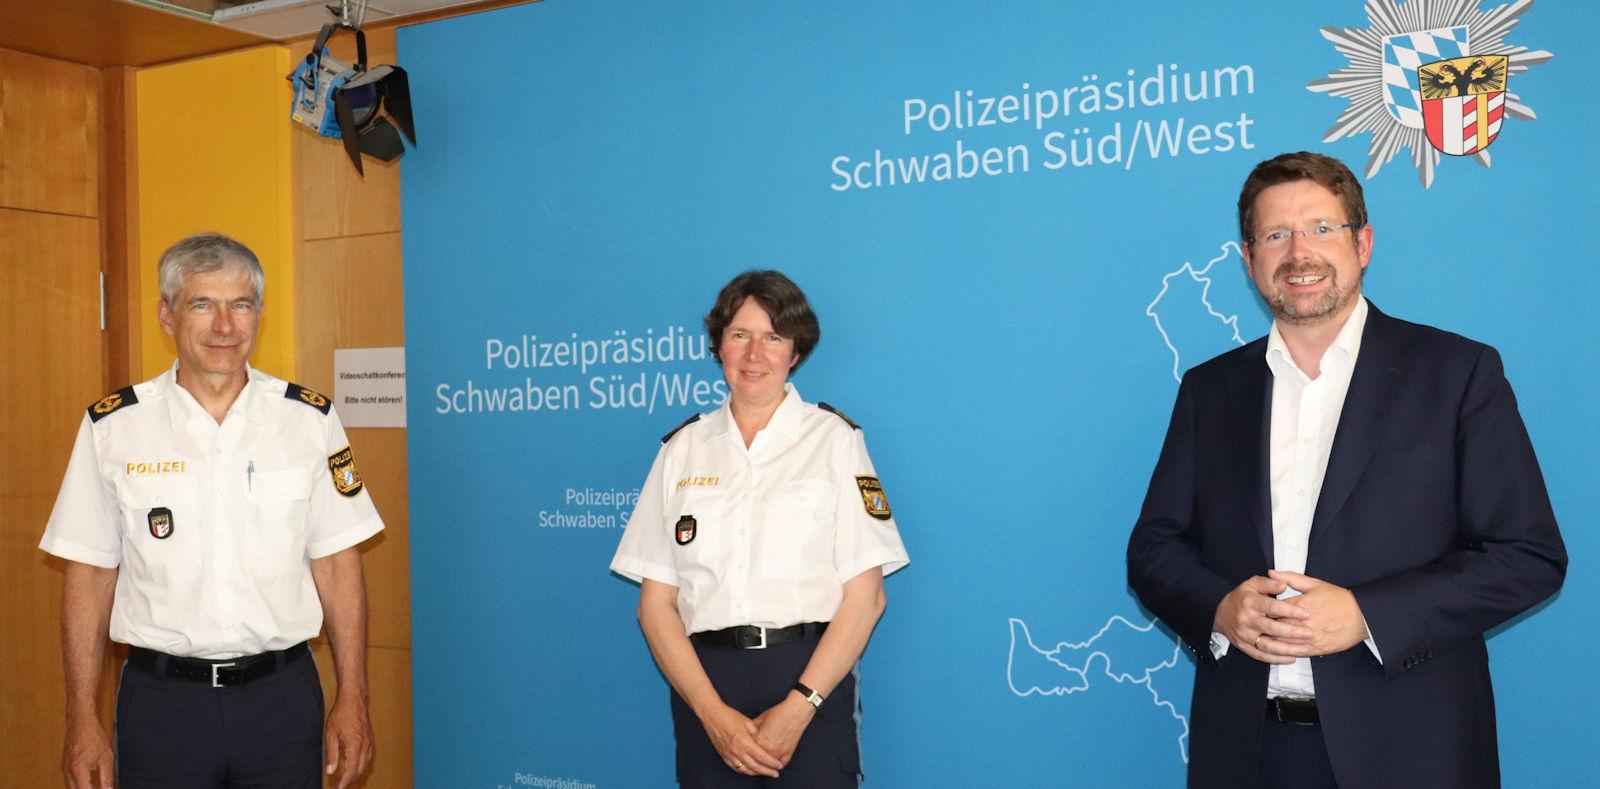 Stephan Stracke tauschte sich mit Polizeipräsidentin Dr. Claudia Strößner und Polizeivizepräsident Guido Limmer aus. Bildquelle: Abgeordnetenbüro